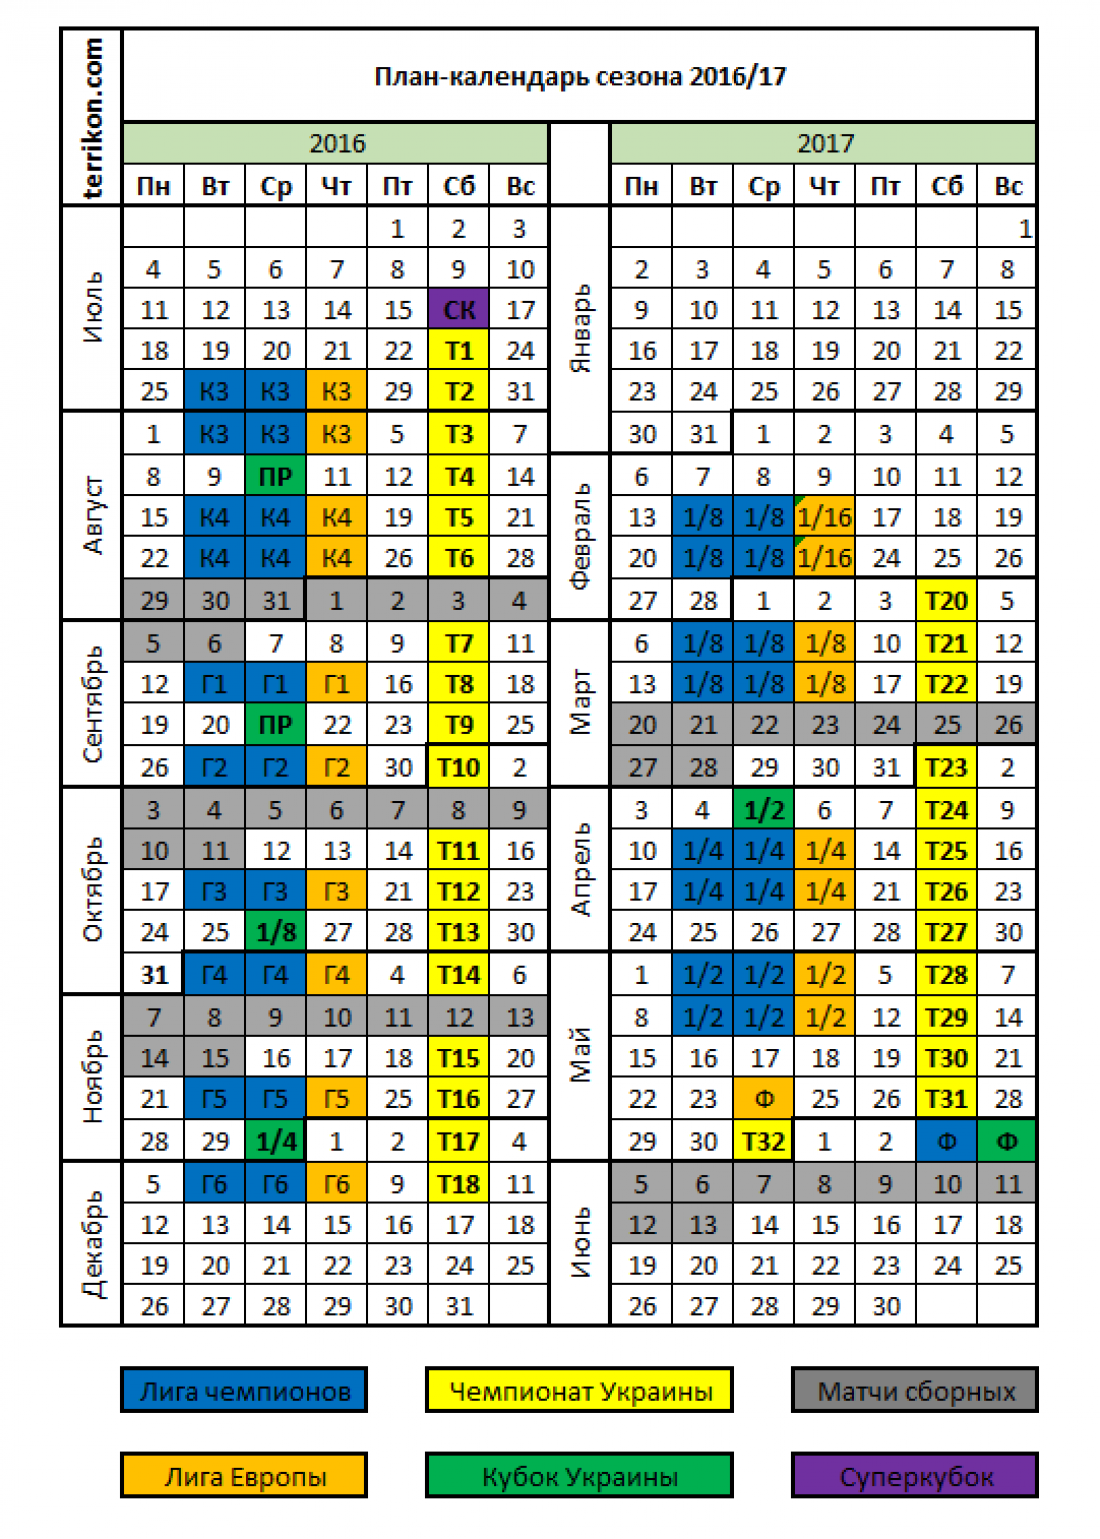 Календарь чу по футболу 1 лига